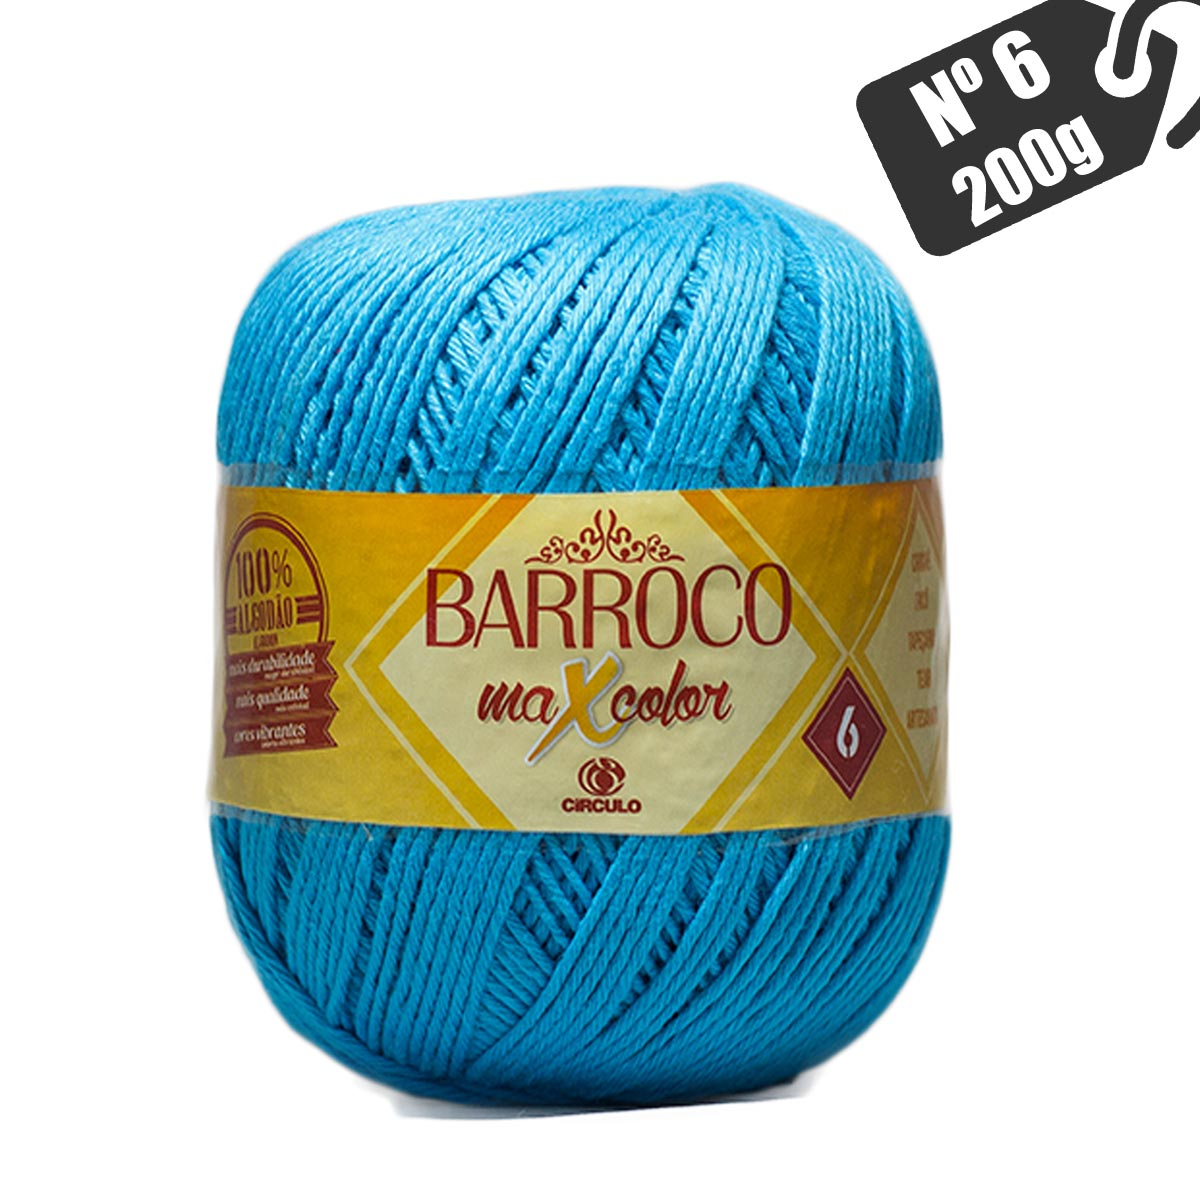 Barroco MaxColor Nº 6 200g Círculo S/A